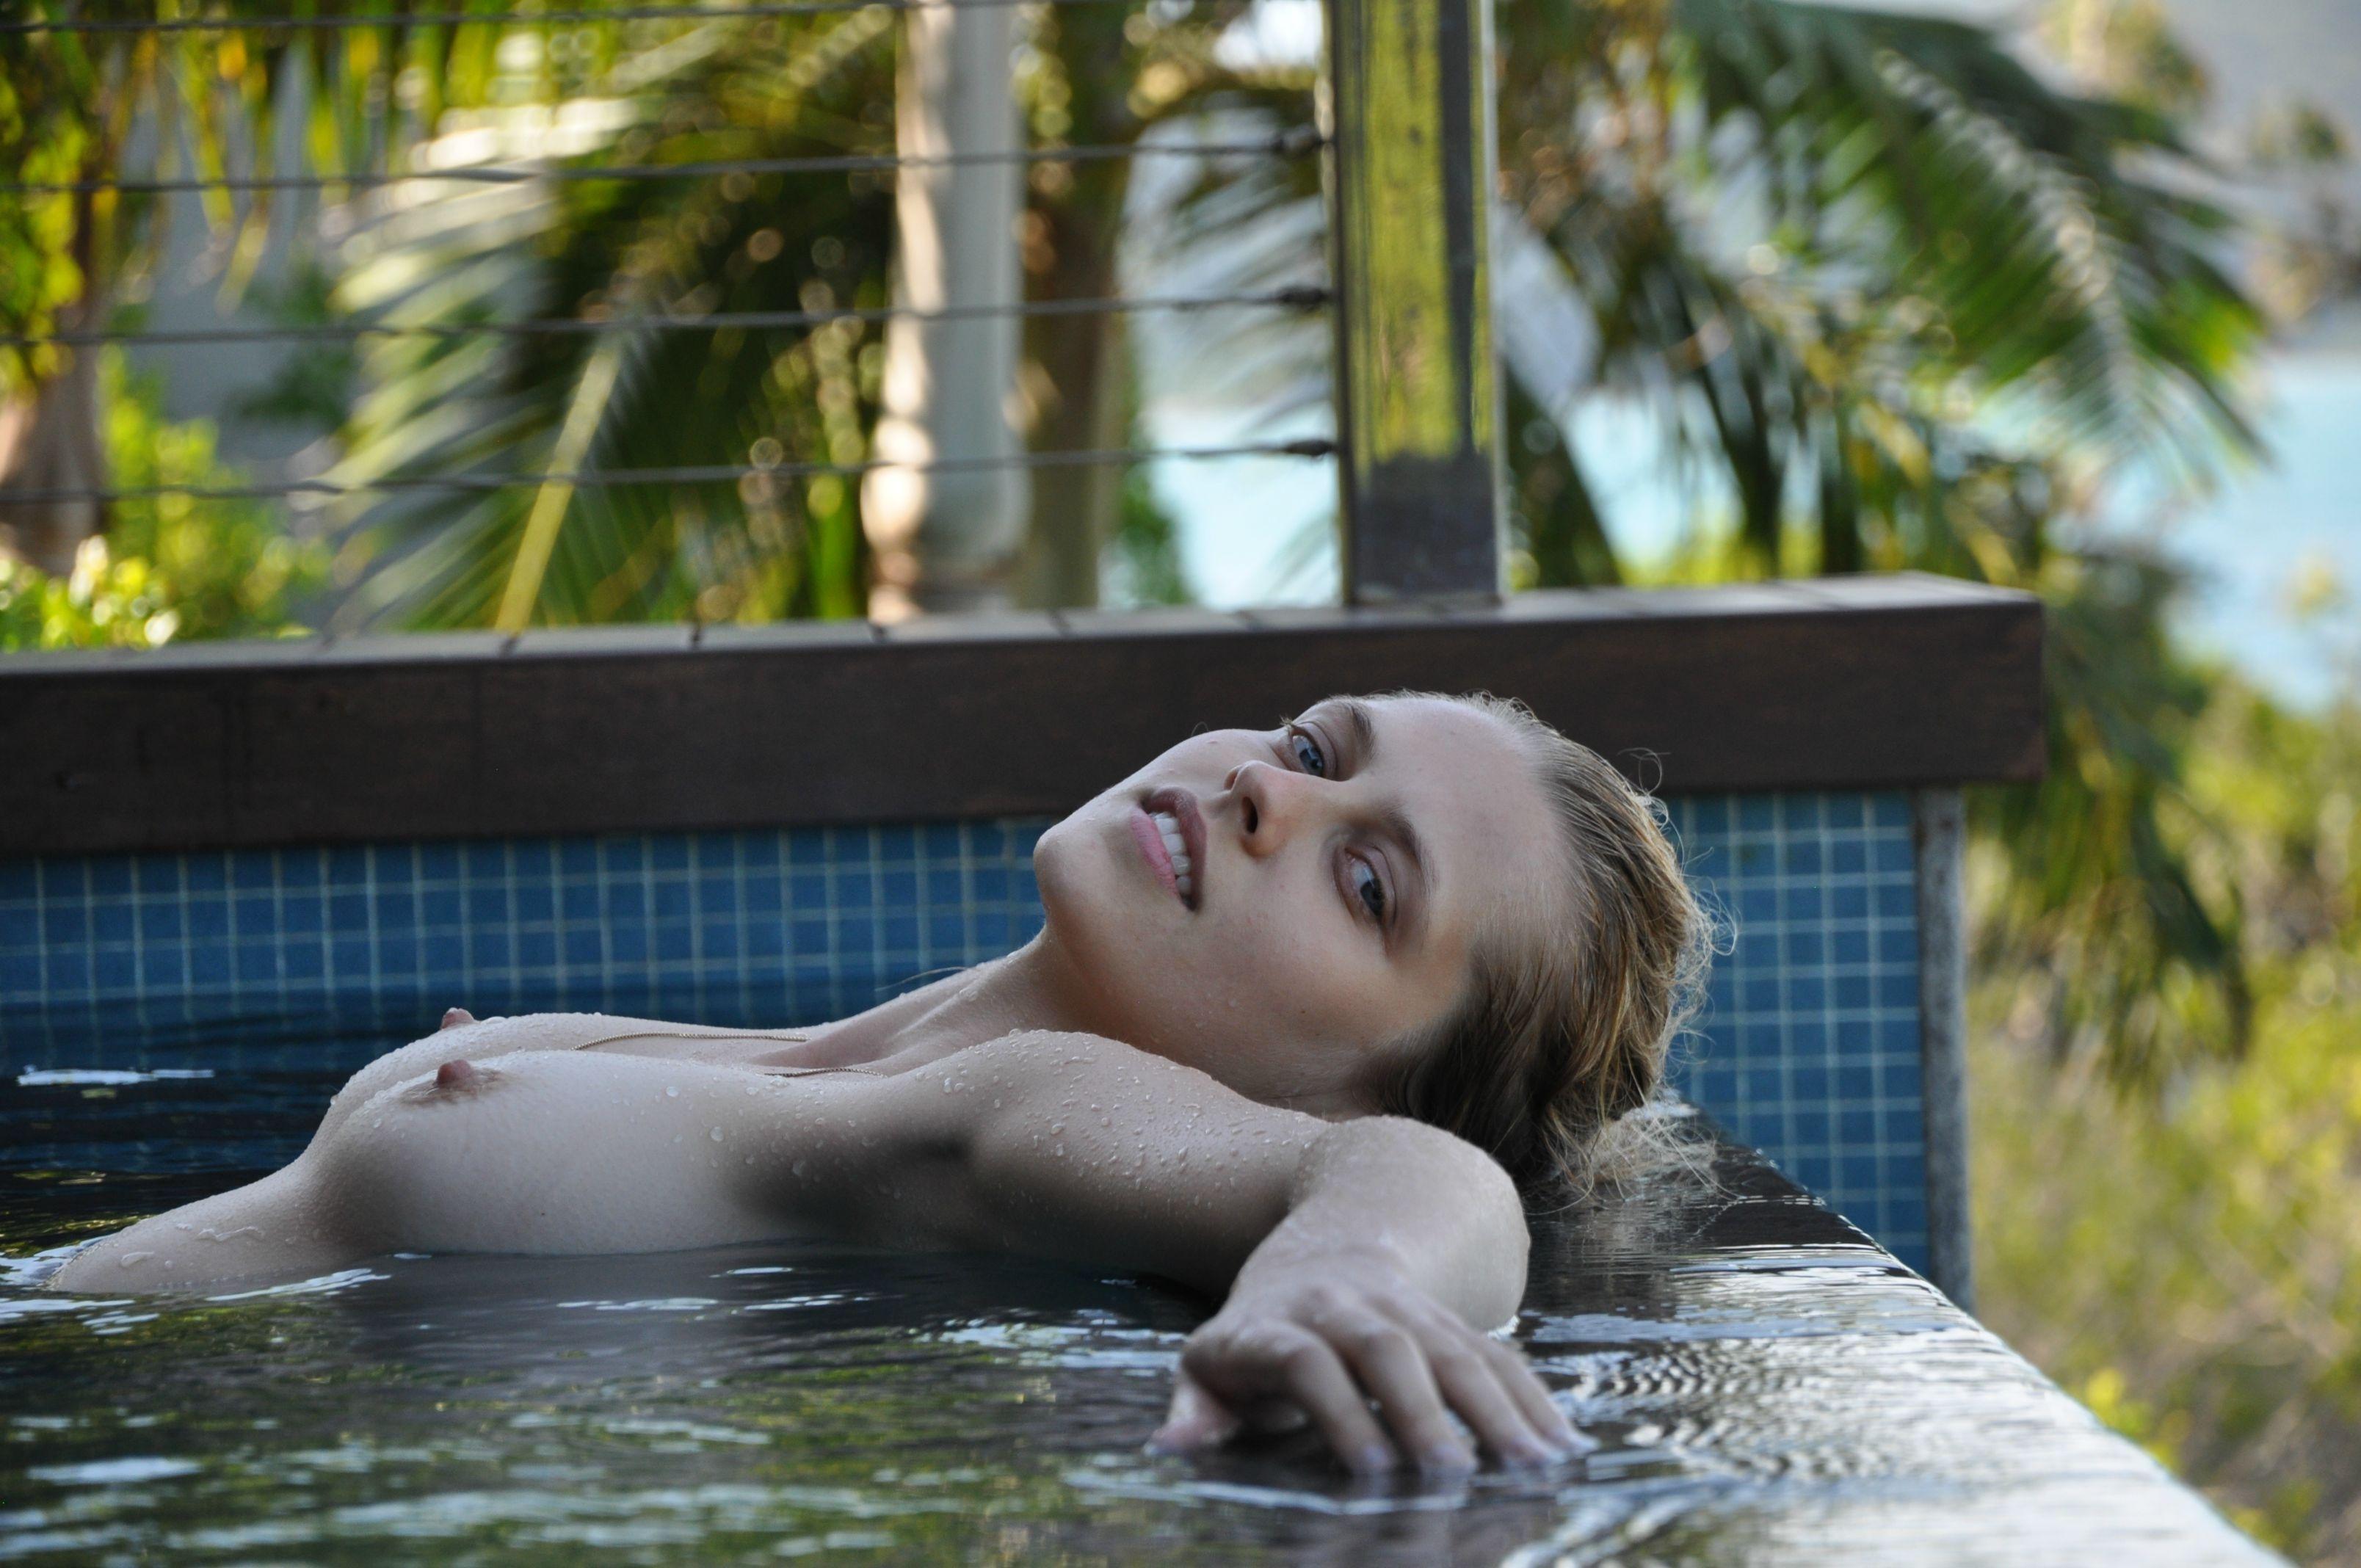 Teresa palmer nude scene